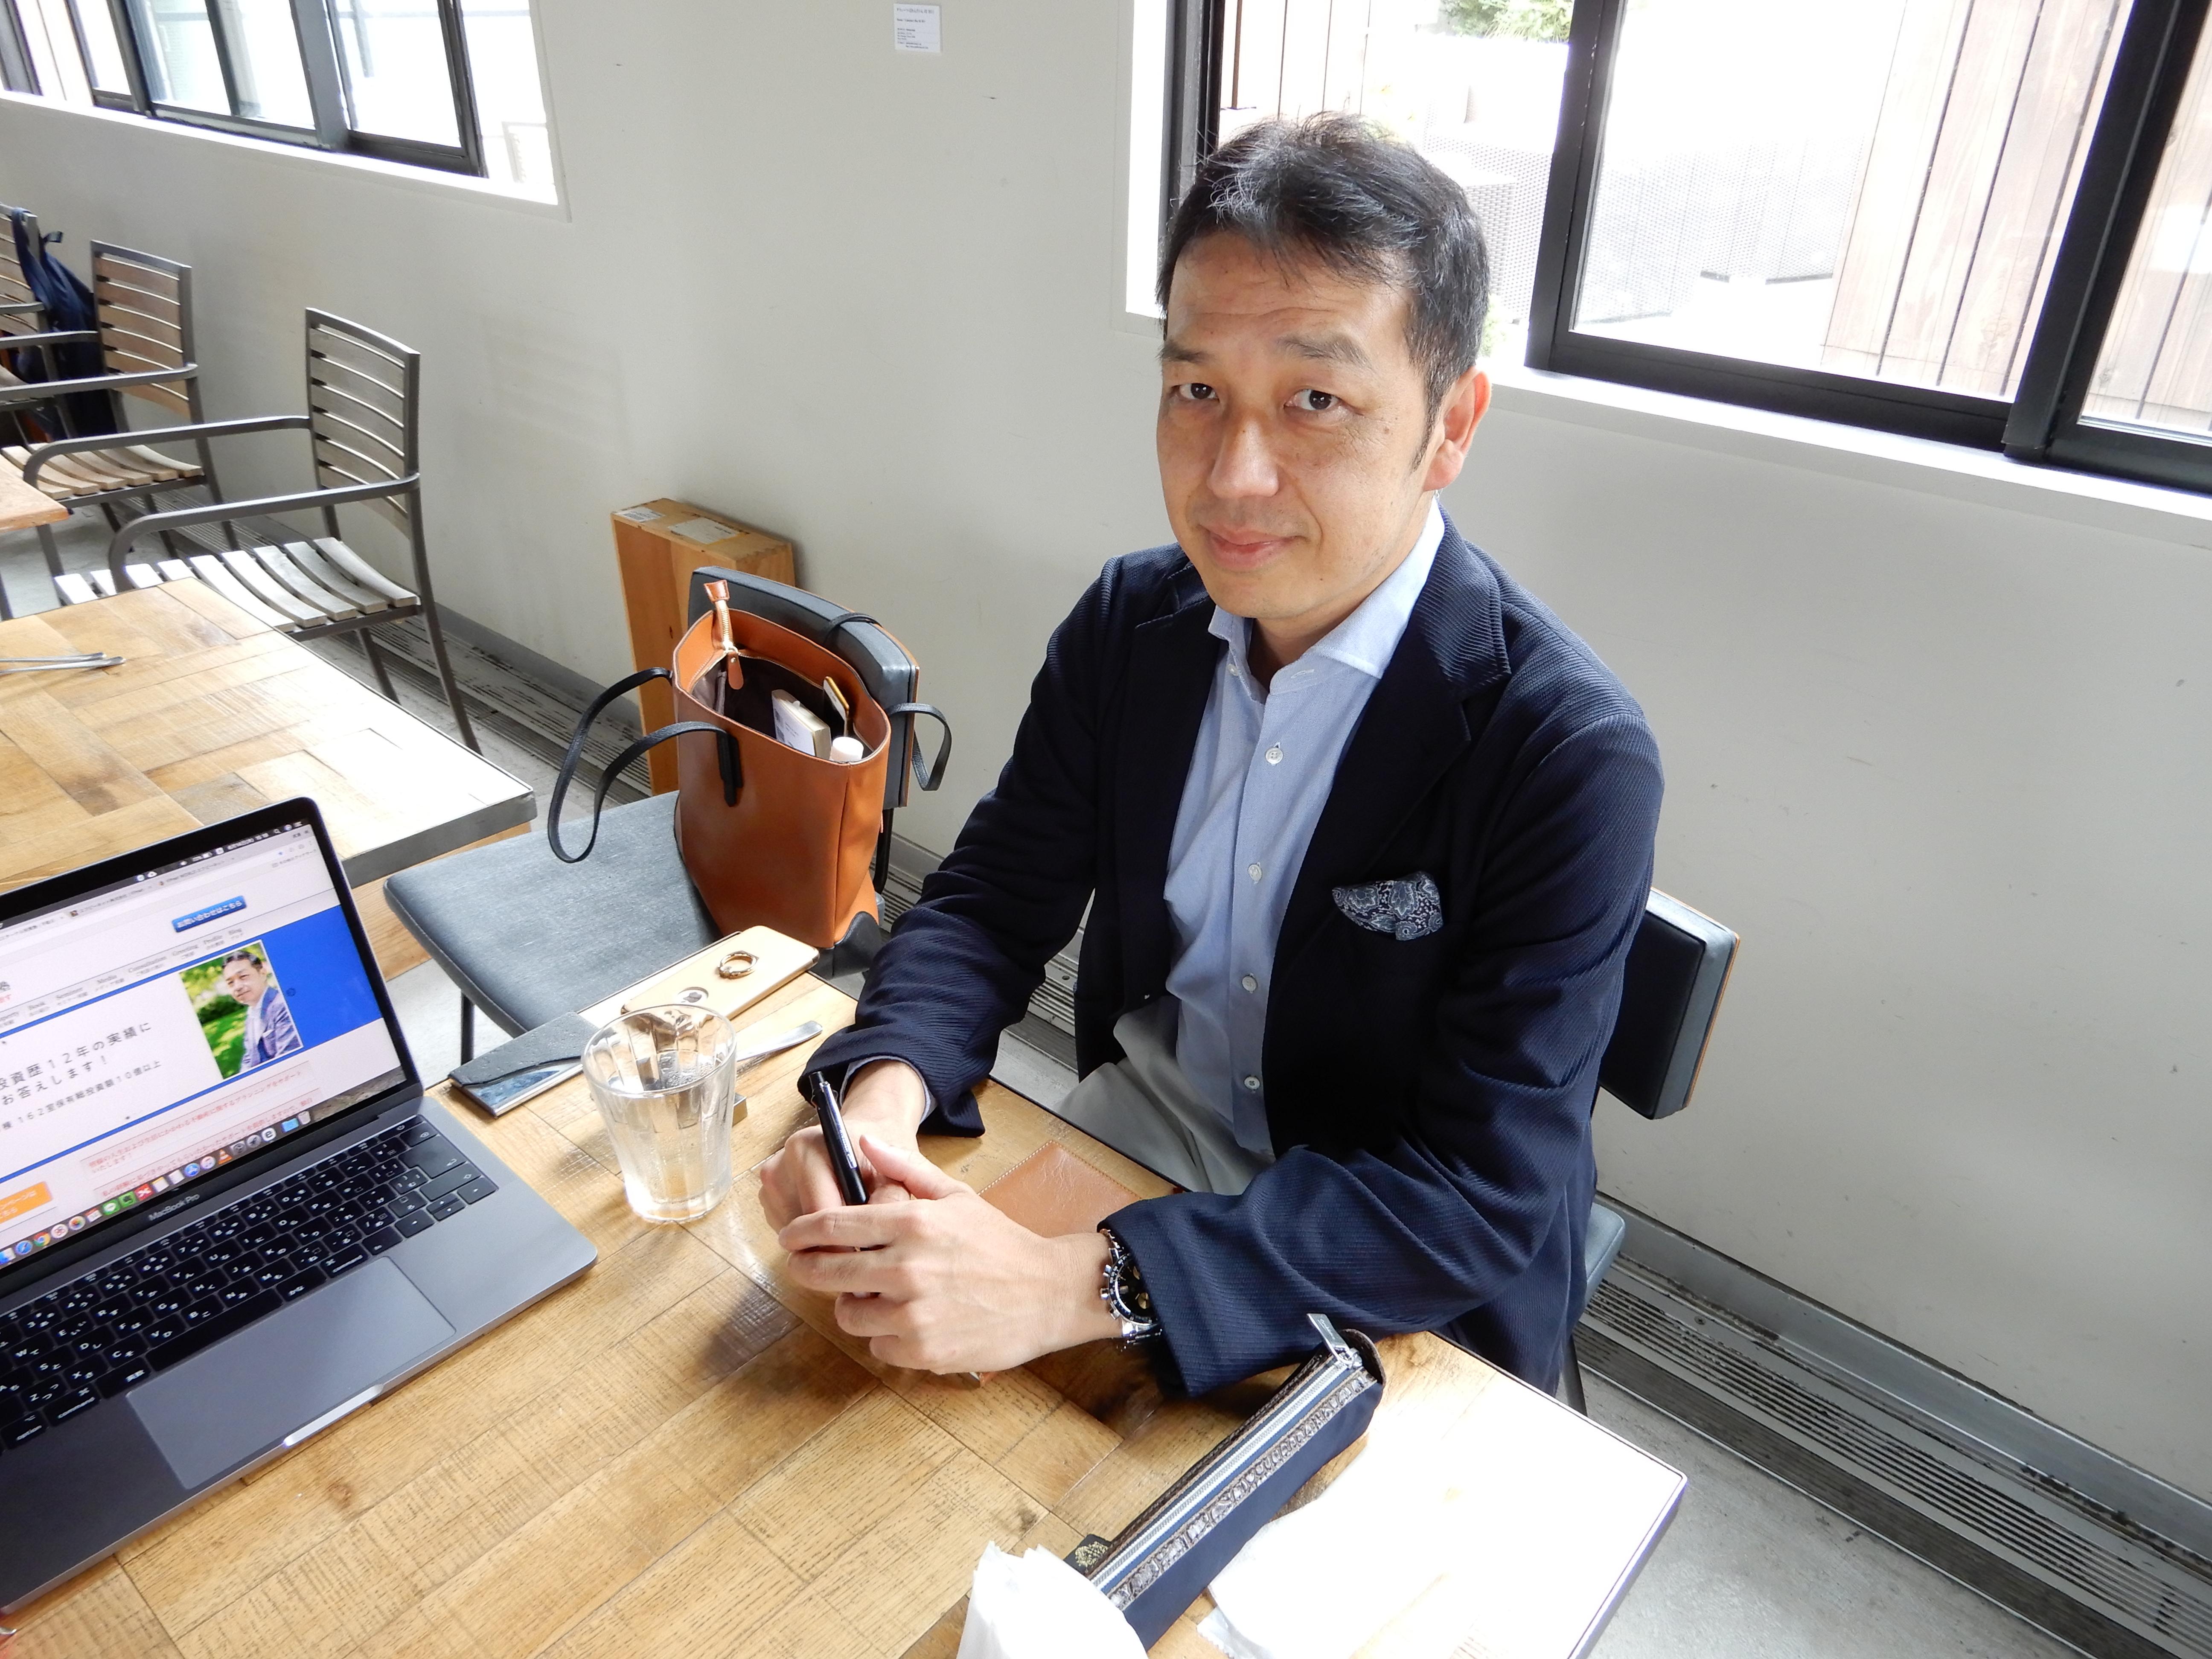 第1話 人生を変えたのは、1冊の本でした。所有物件15棟約200室、資産総額15億円を持つ不動産投資家・田中宏貴さんインタビュー